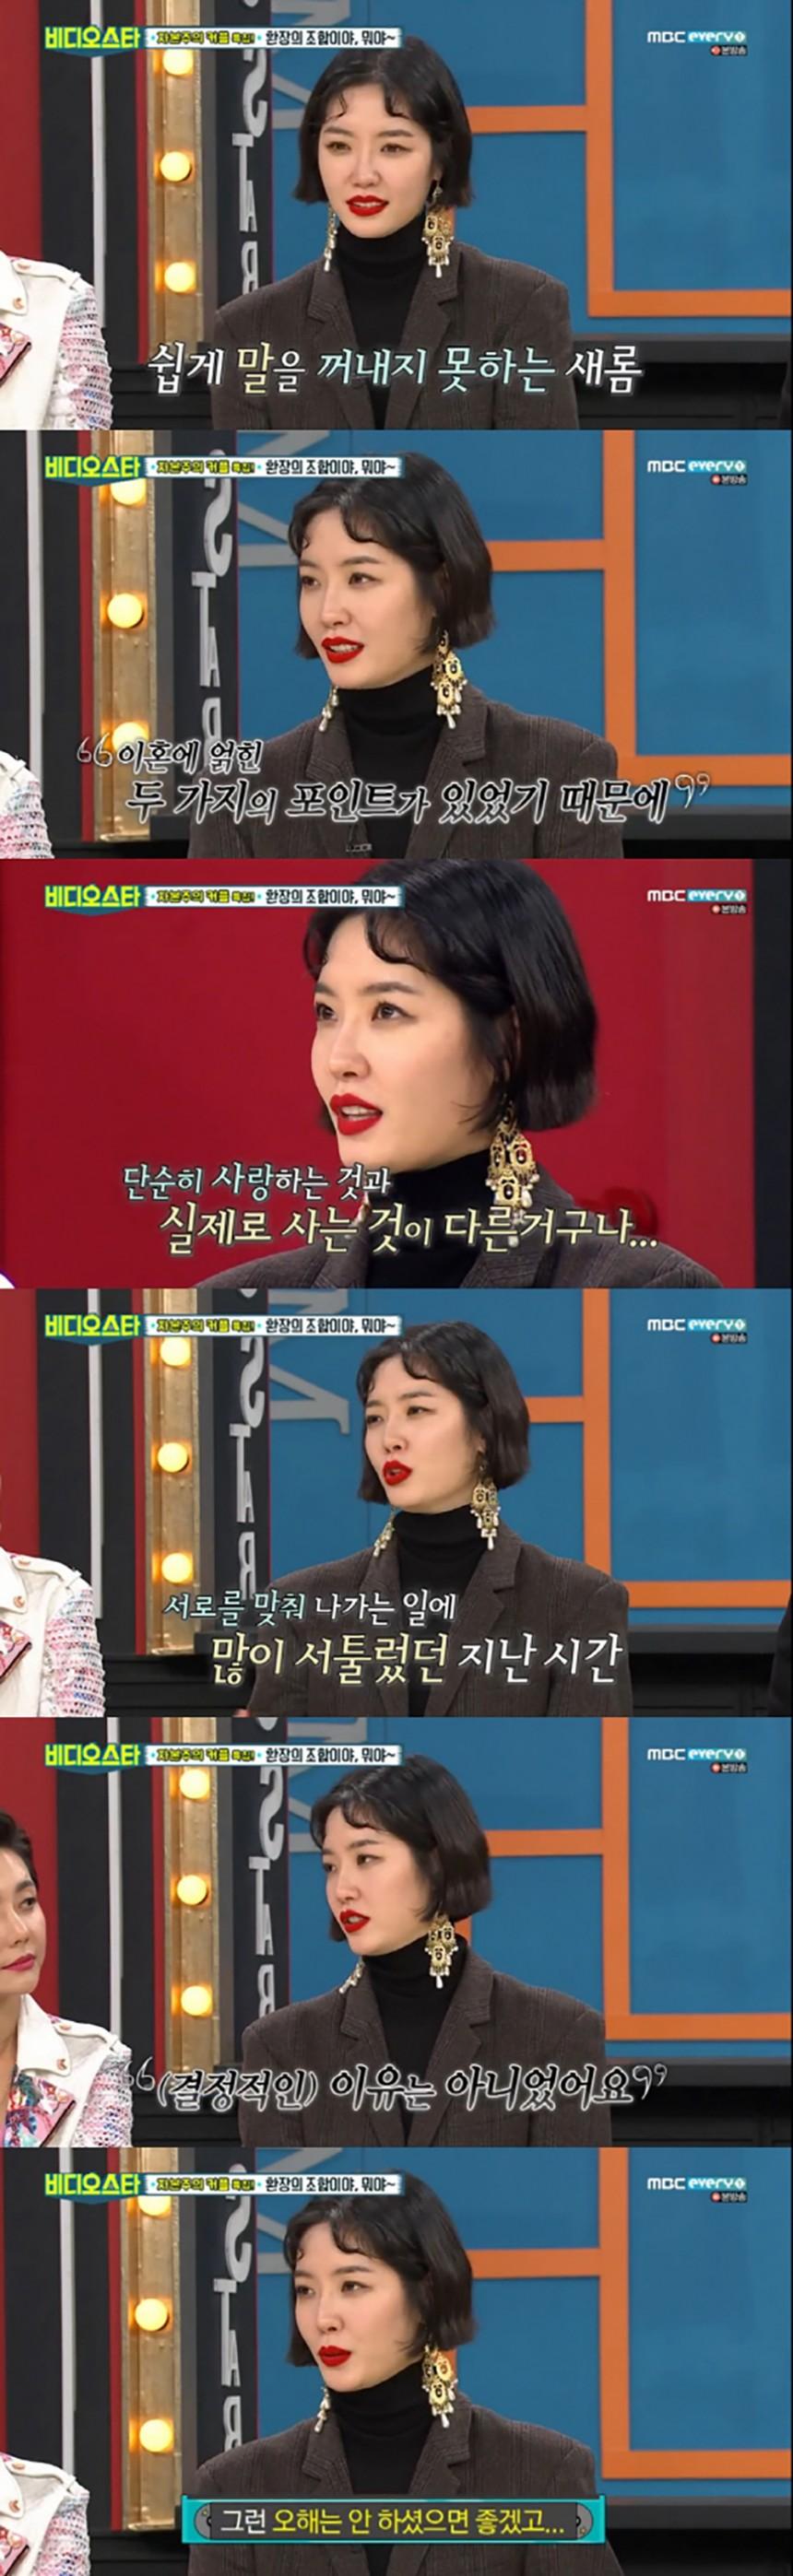 김새롬 / MBC every1 '비디오스타' 방송 캡처